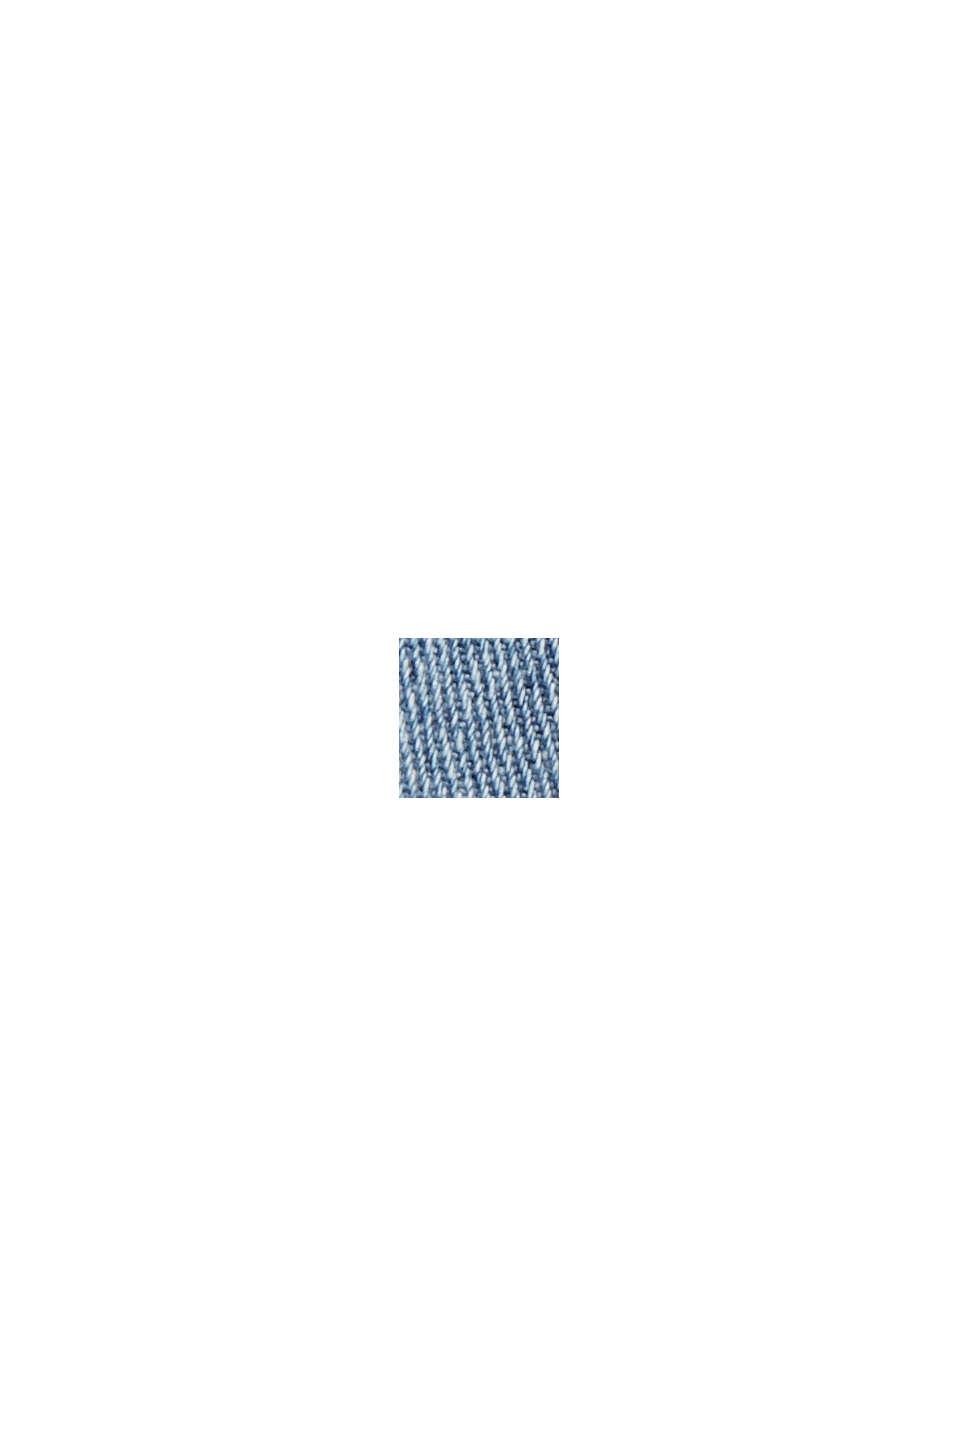 Jean court en coton mélangé, BLUE LIGHT WASHED, swatch